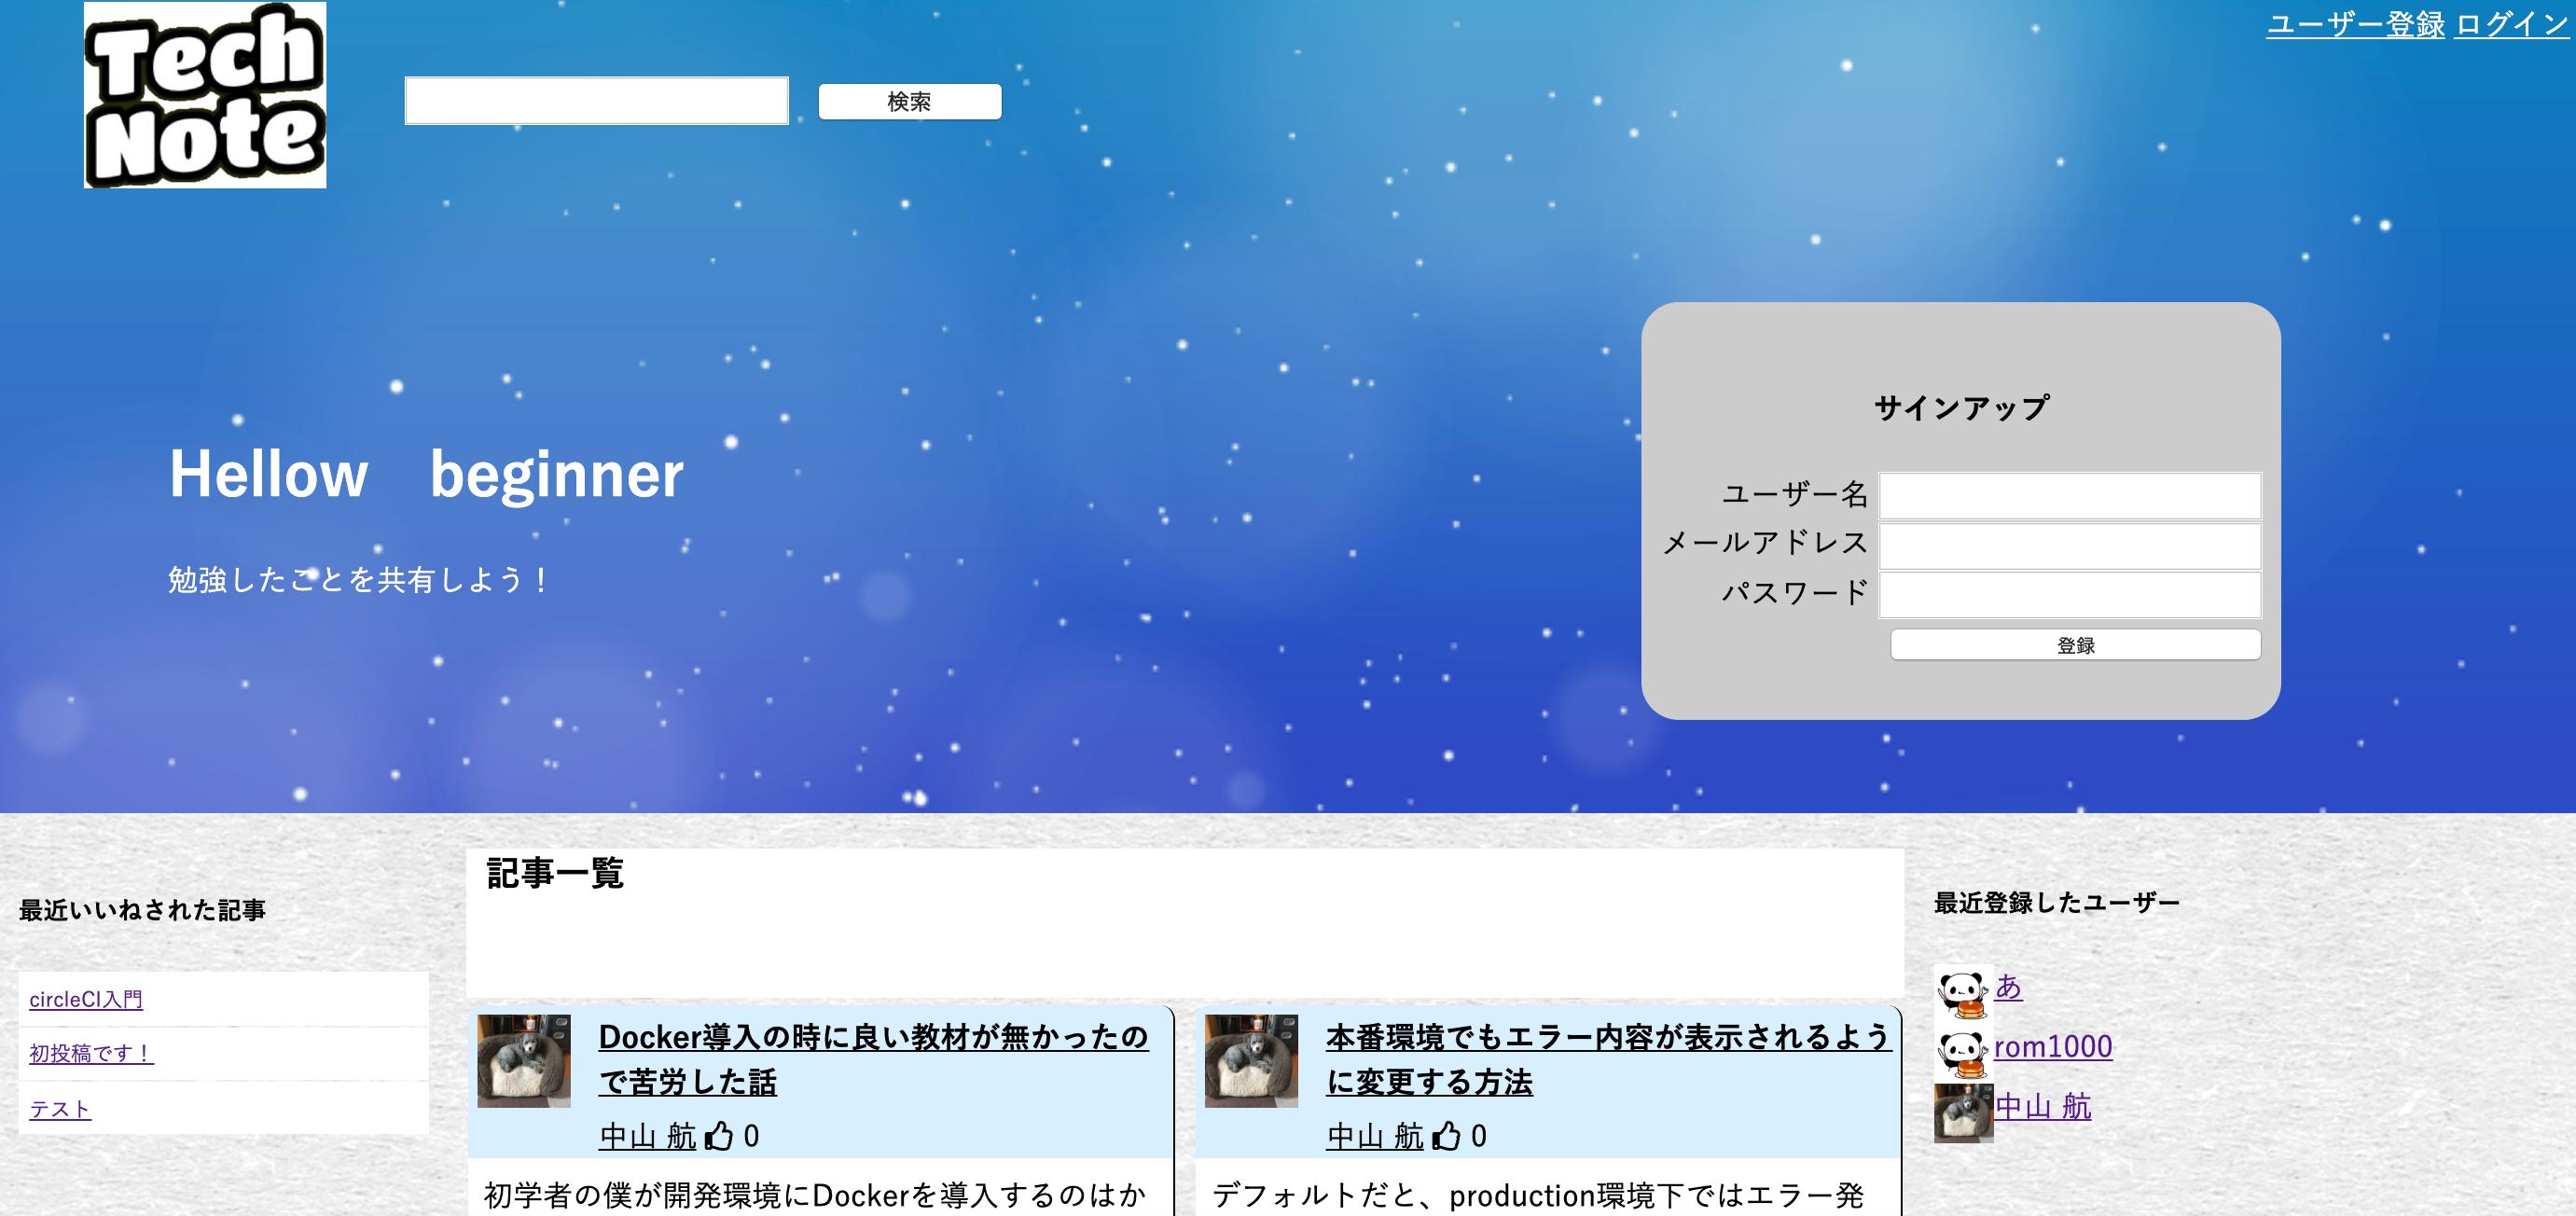 スクリーンショット 2020-01-28 3.07.19.png